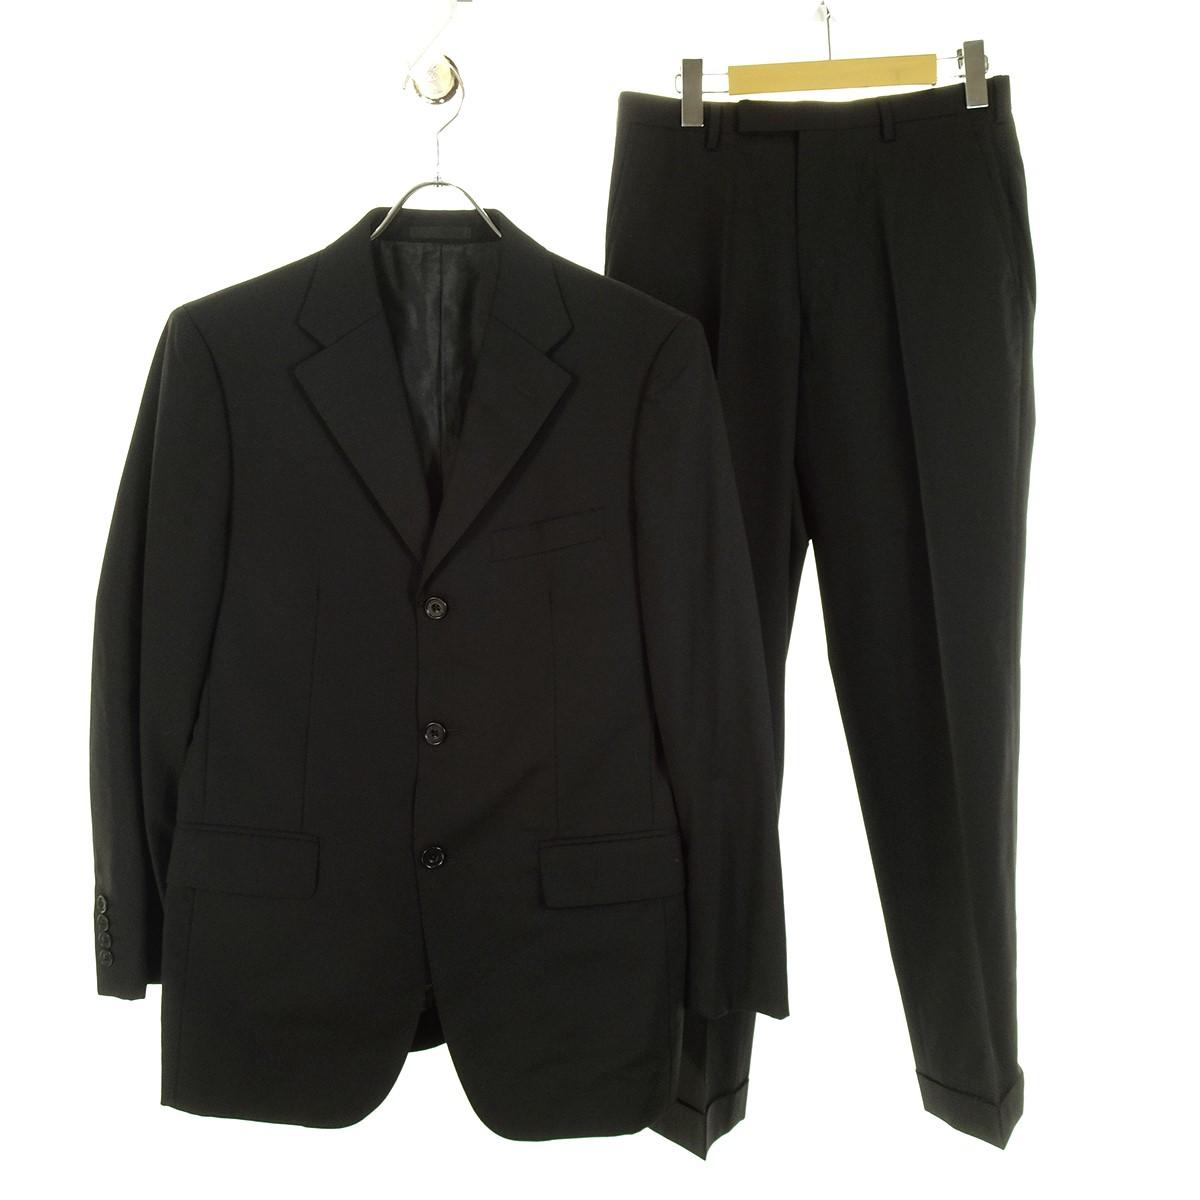 【中古】BURBERRY BLACK LABEL セットアップ 3Bスーツ ブラック サイズ:38R/38R 【130420】(バーバリーブラックレーベル)